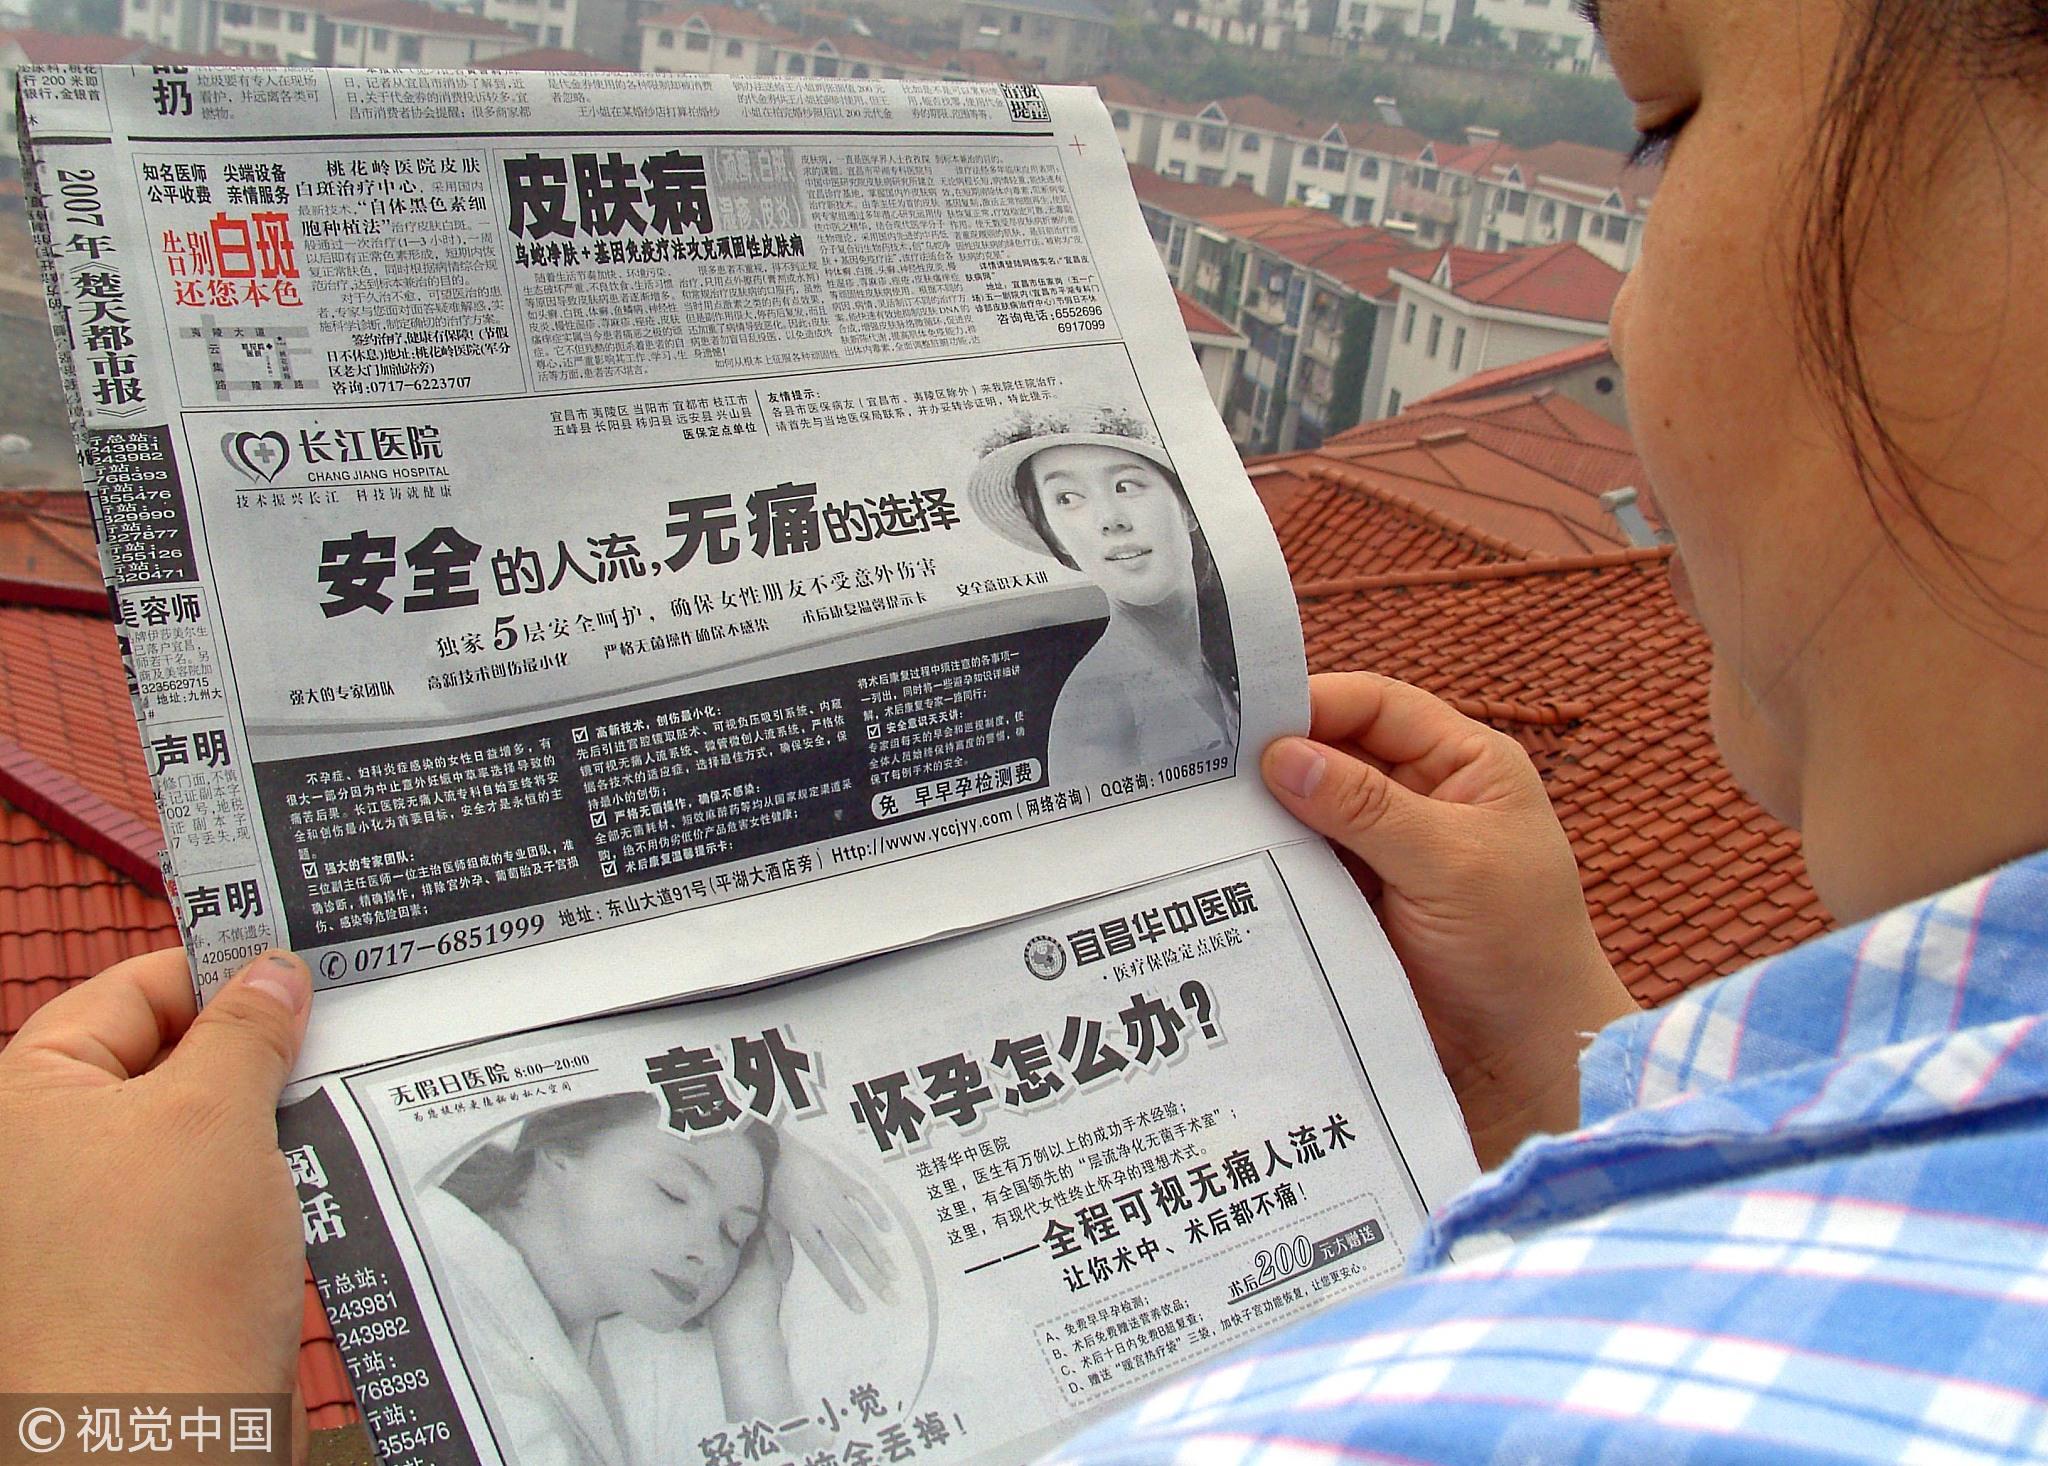 2018-06-22,湖北宜昌某报纸上的无痛人工流产医疗广告赫然醒目/视觉中国